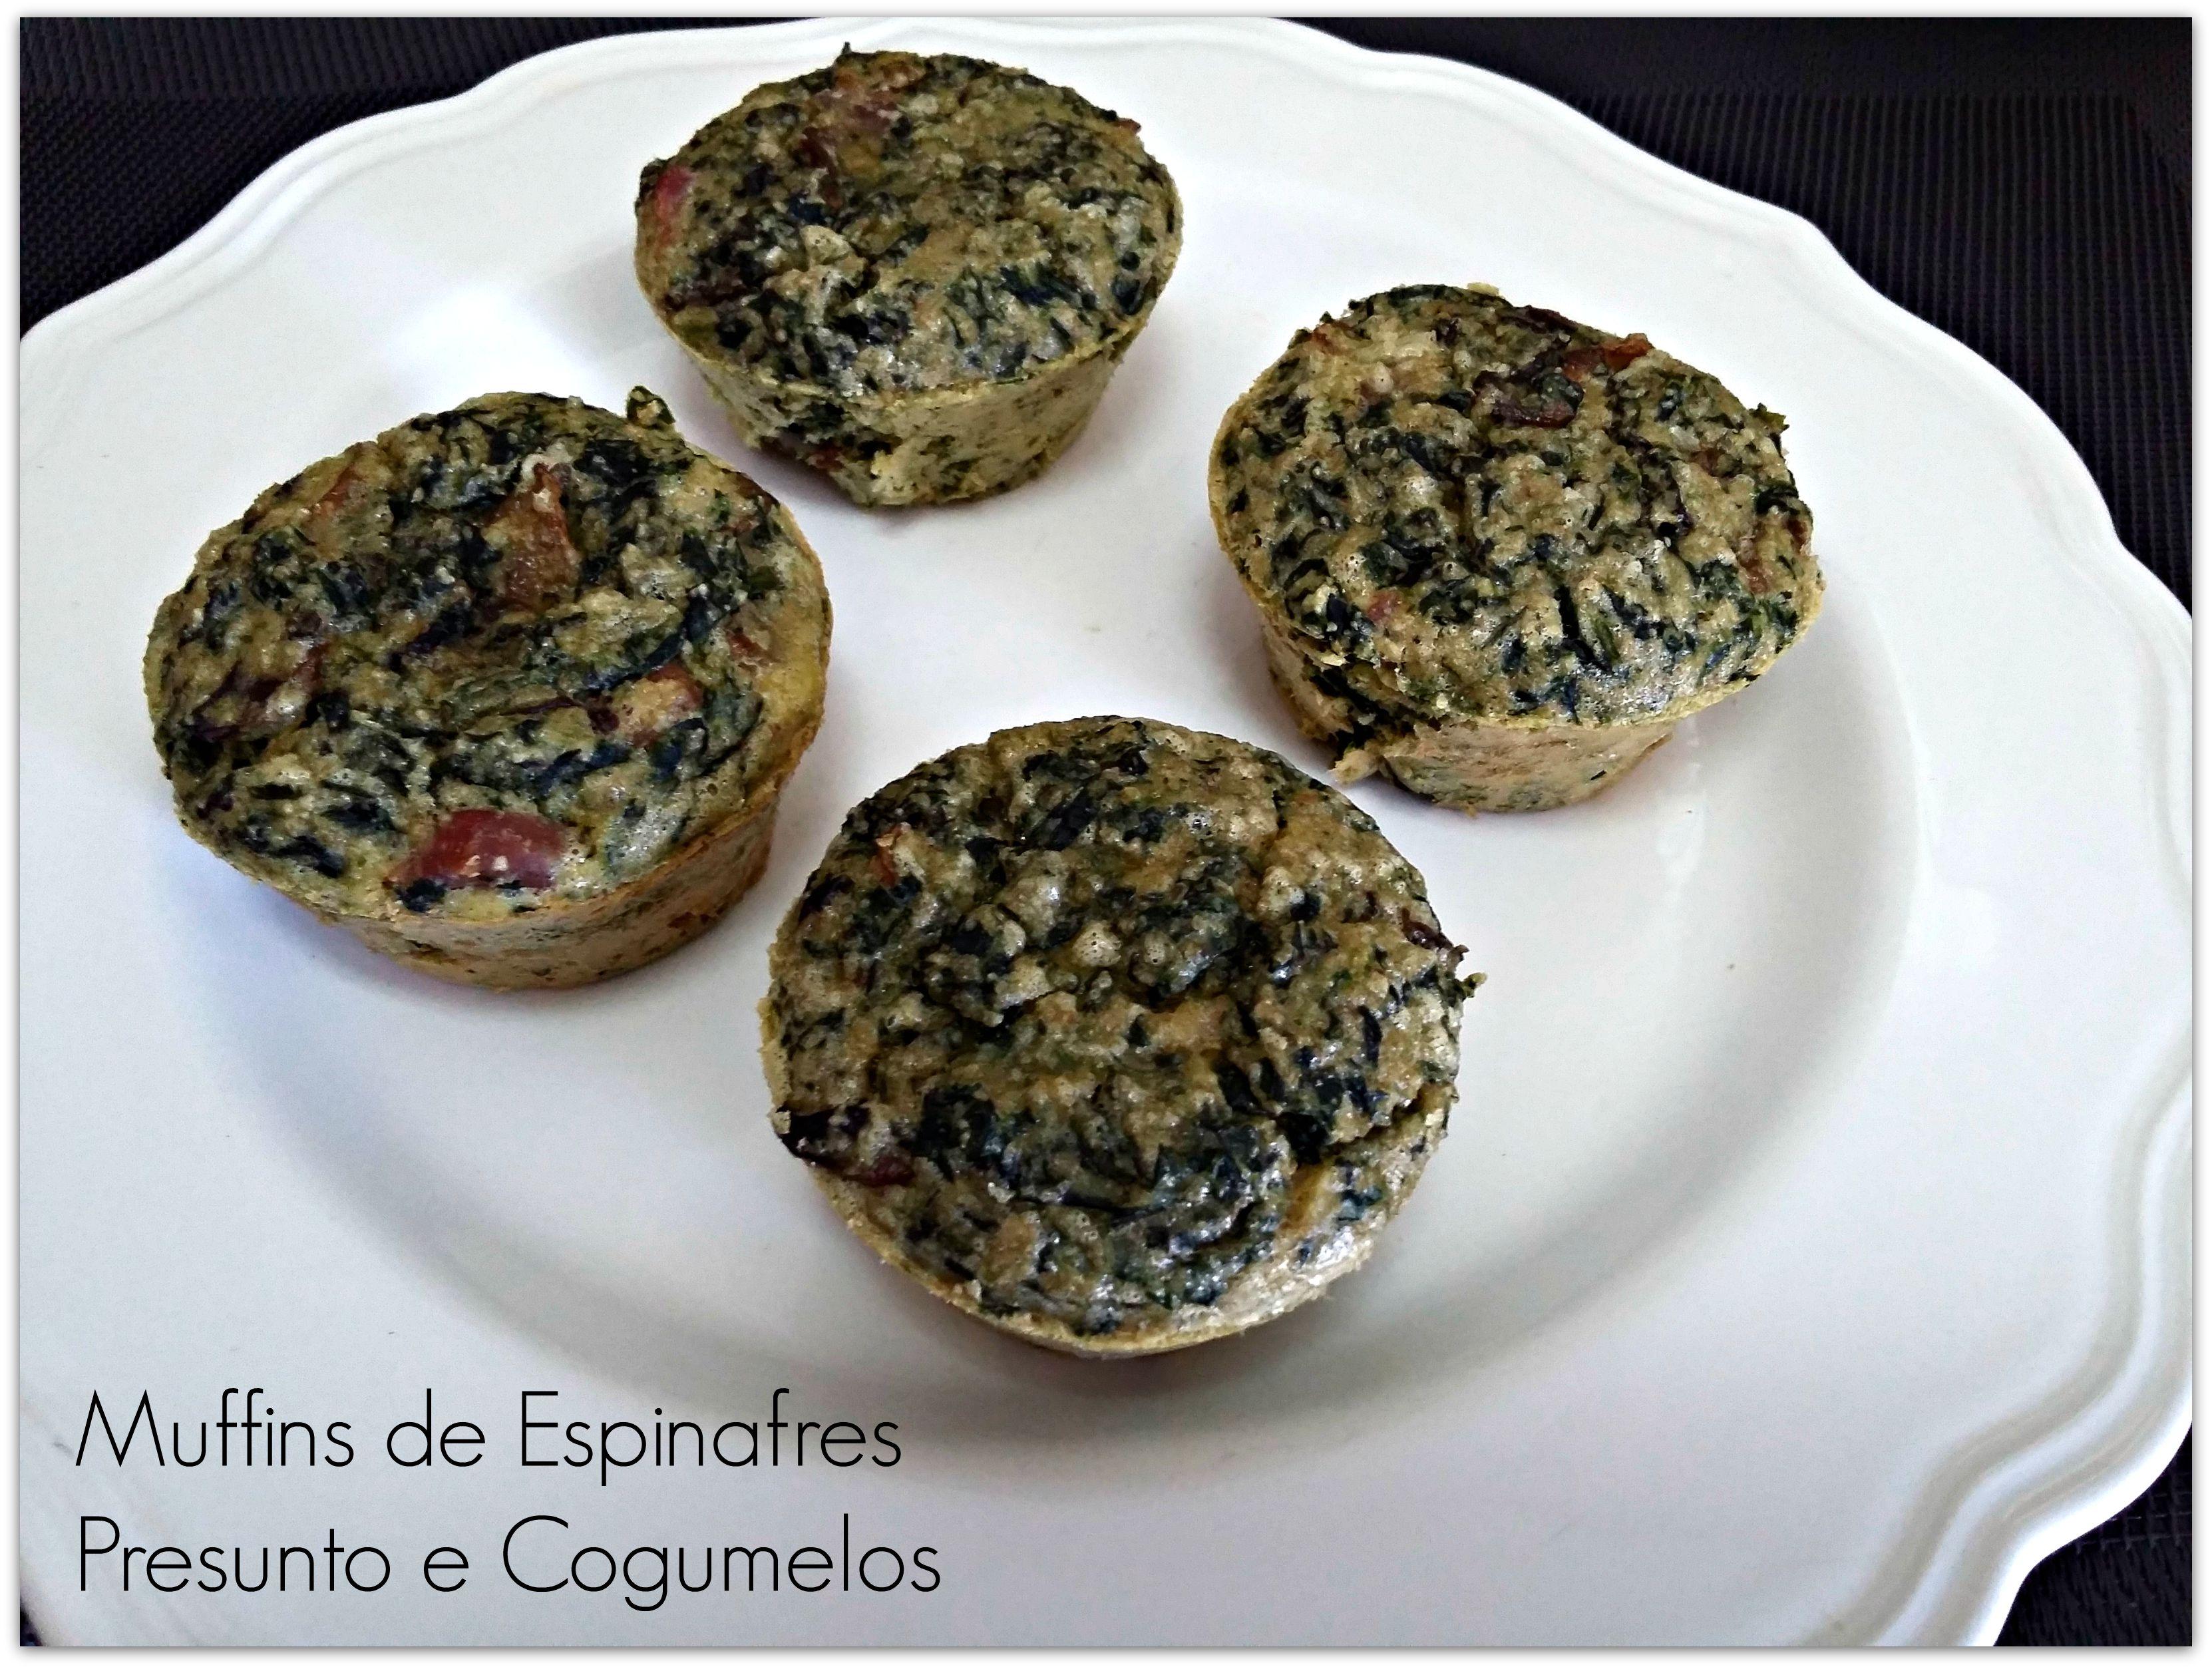 muffins espinafres.jpg